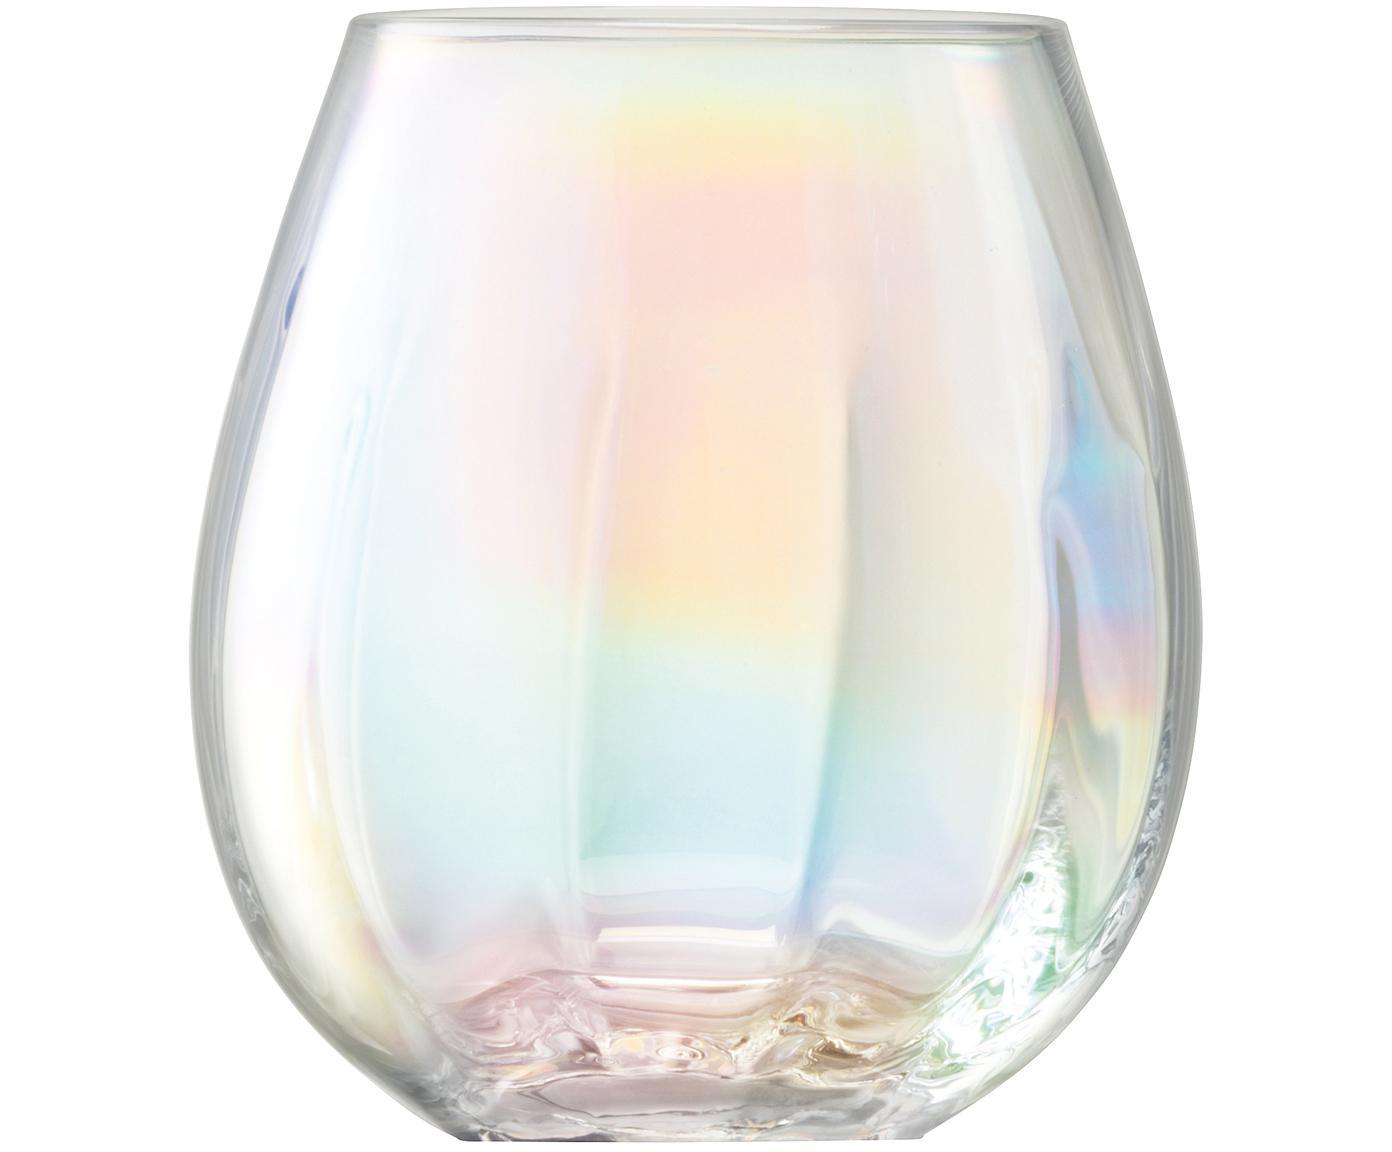 Mondgeblazen waterglazen Pearl met glinsterende paarlemoer glans, 4-delig, Glas, Parelglans, Ø 9 x H 10 cm